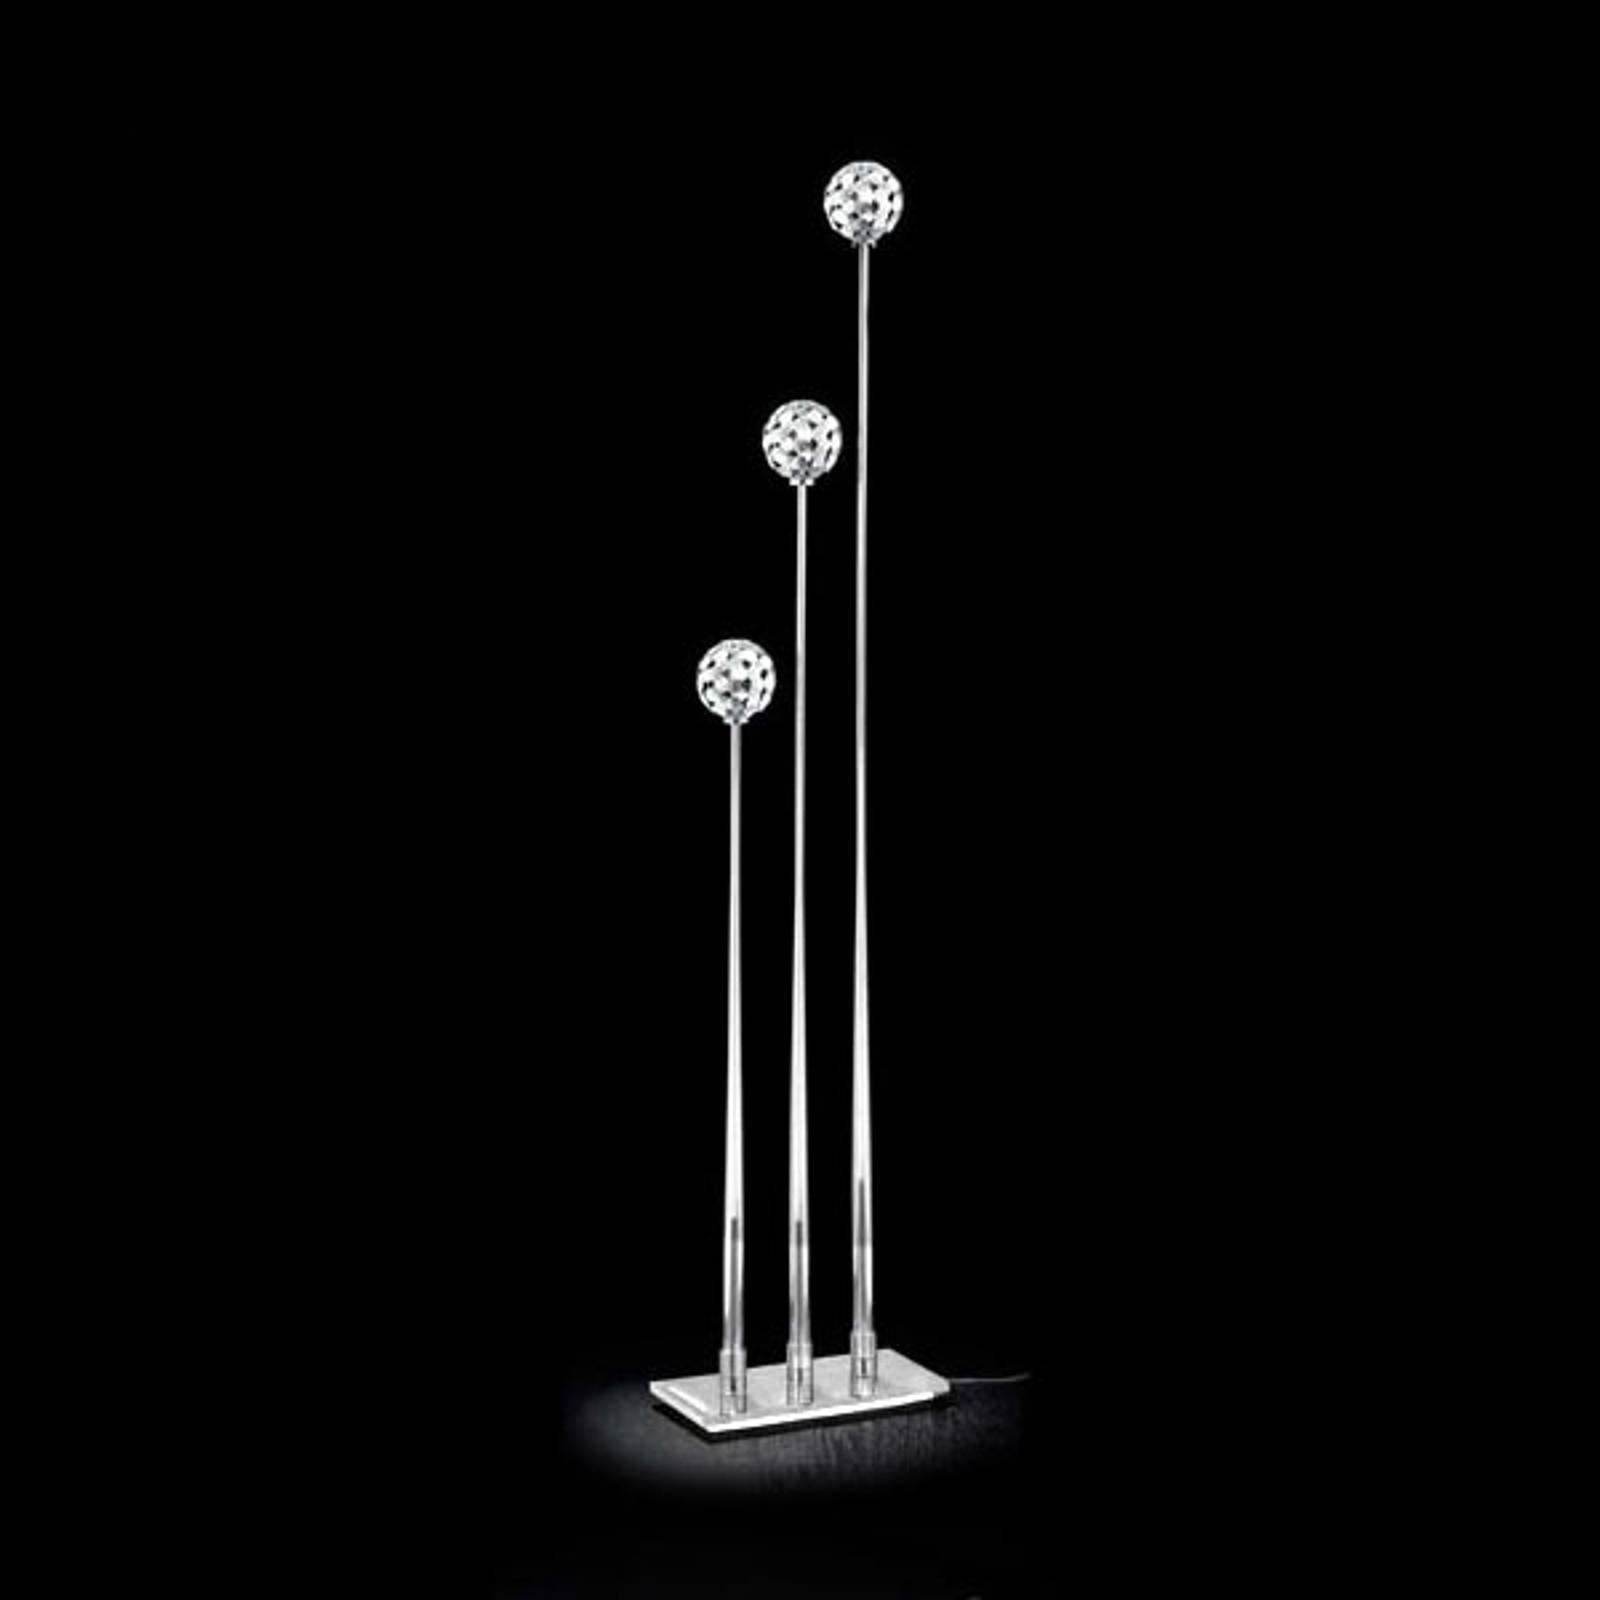 Sfera gulvlampe med 3 lyskilder, klar fot